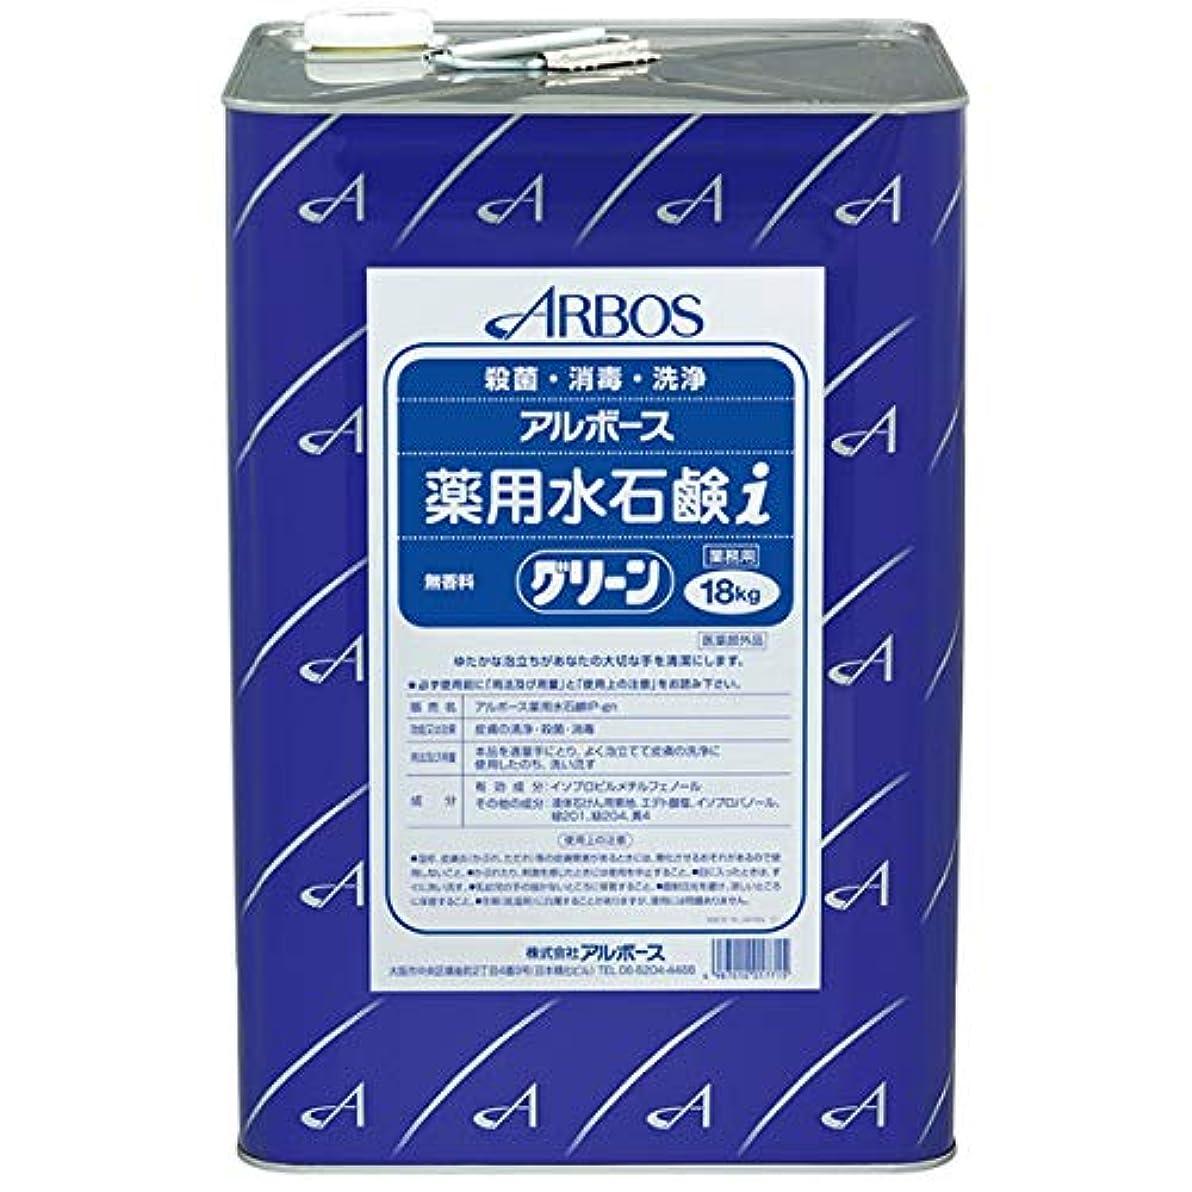 高潔な雷雨ファウル【清潔キレイ館】アルボース薬用水石鹸グリーンi(18L)